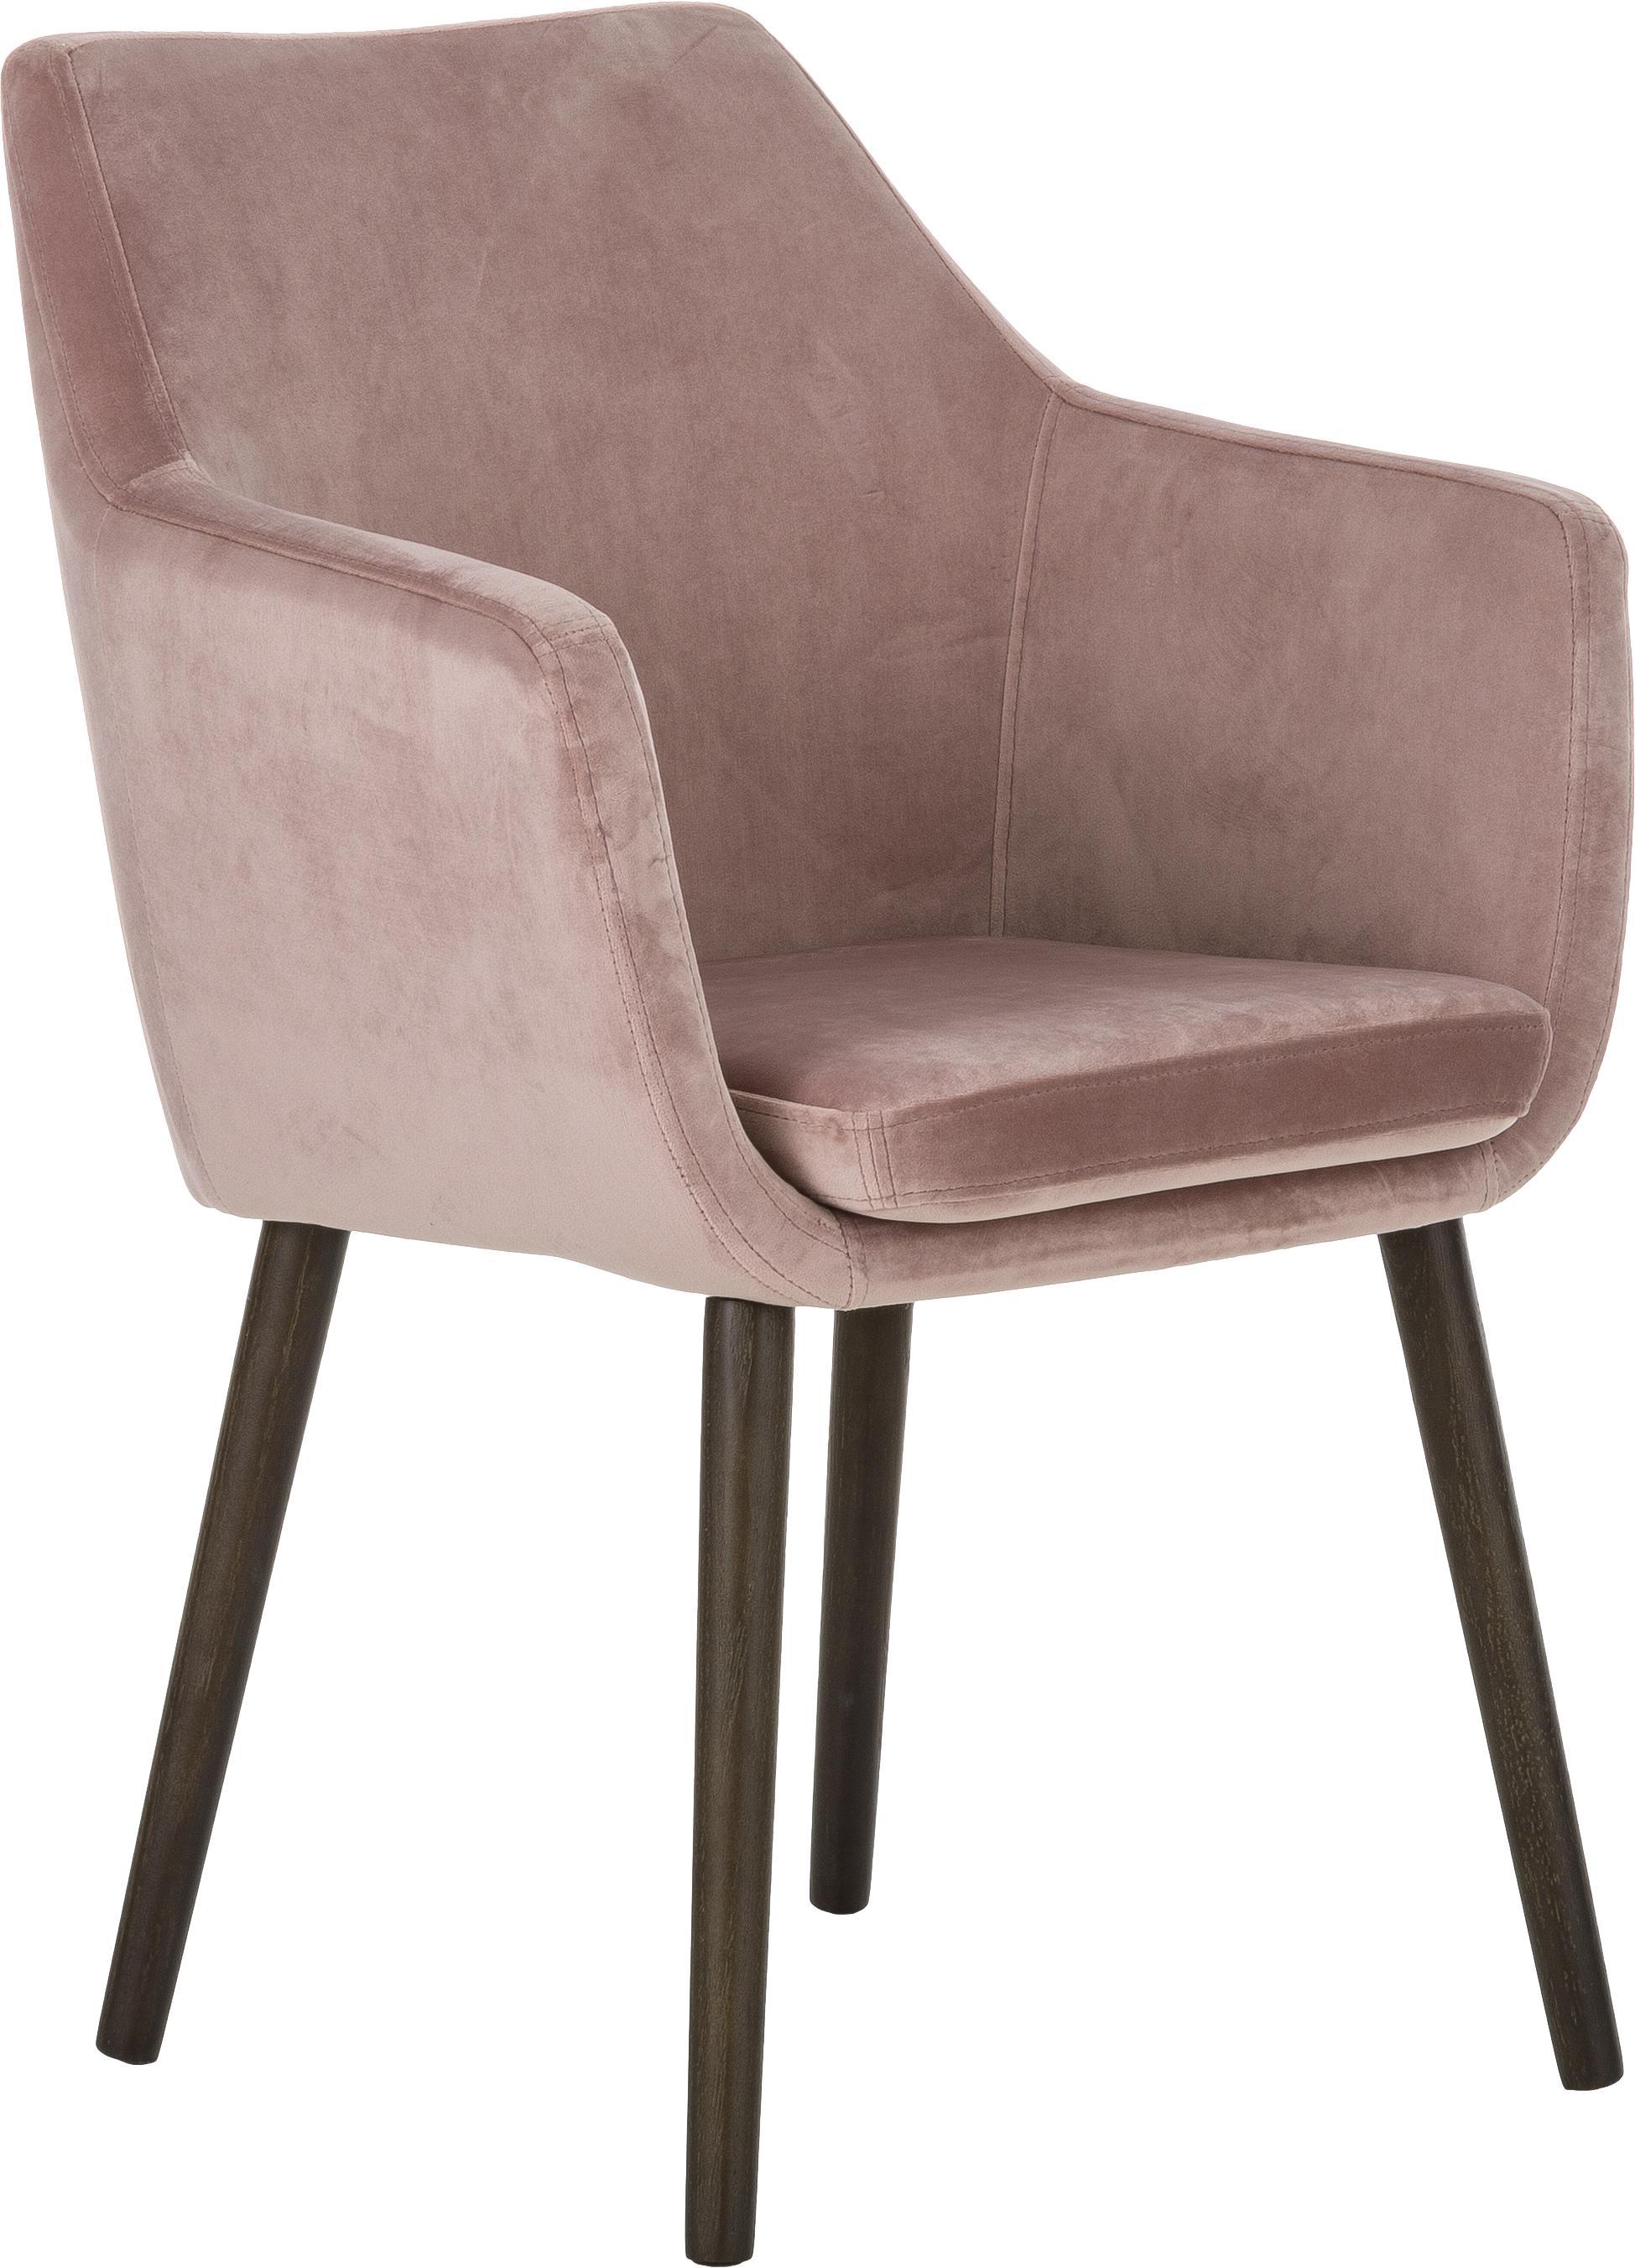 Krzesło z podłokietnikami z aksamitu Nora, Tapicerka: poliester (aksamit), Nogi: drewno dębowe, bejcowane, Aksamitny blady różowy, nogi: ciemny brązowy, S 58 x W 84 cm